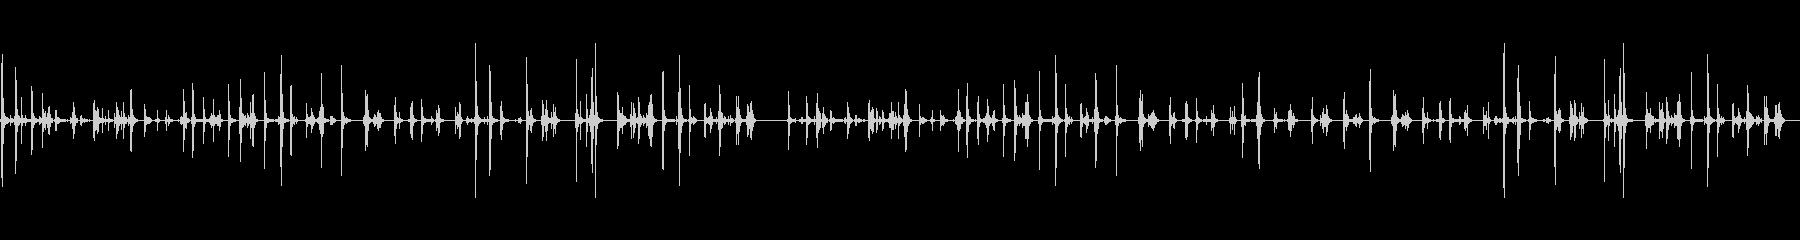 【PC キーボード01-テンキー3】の未再生の波形